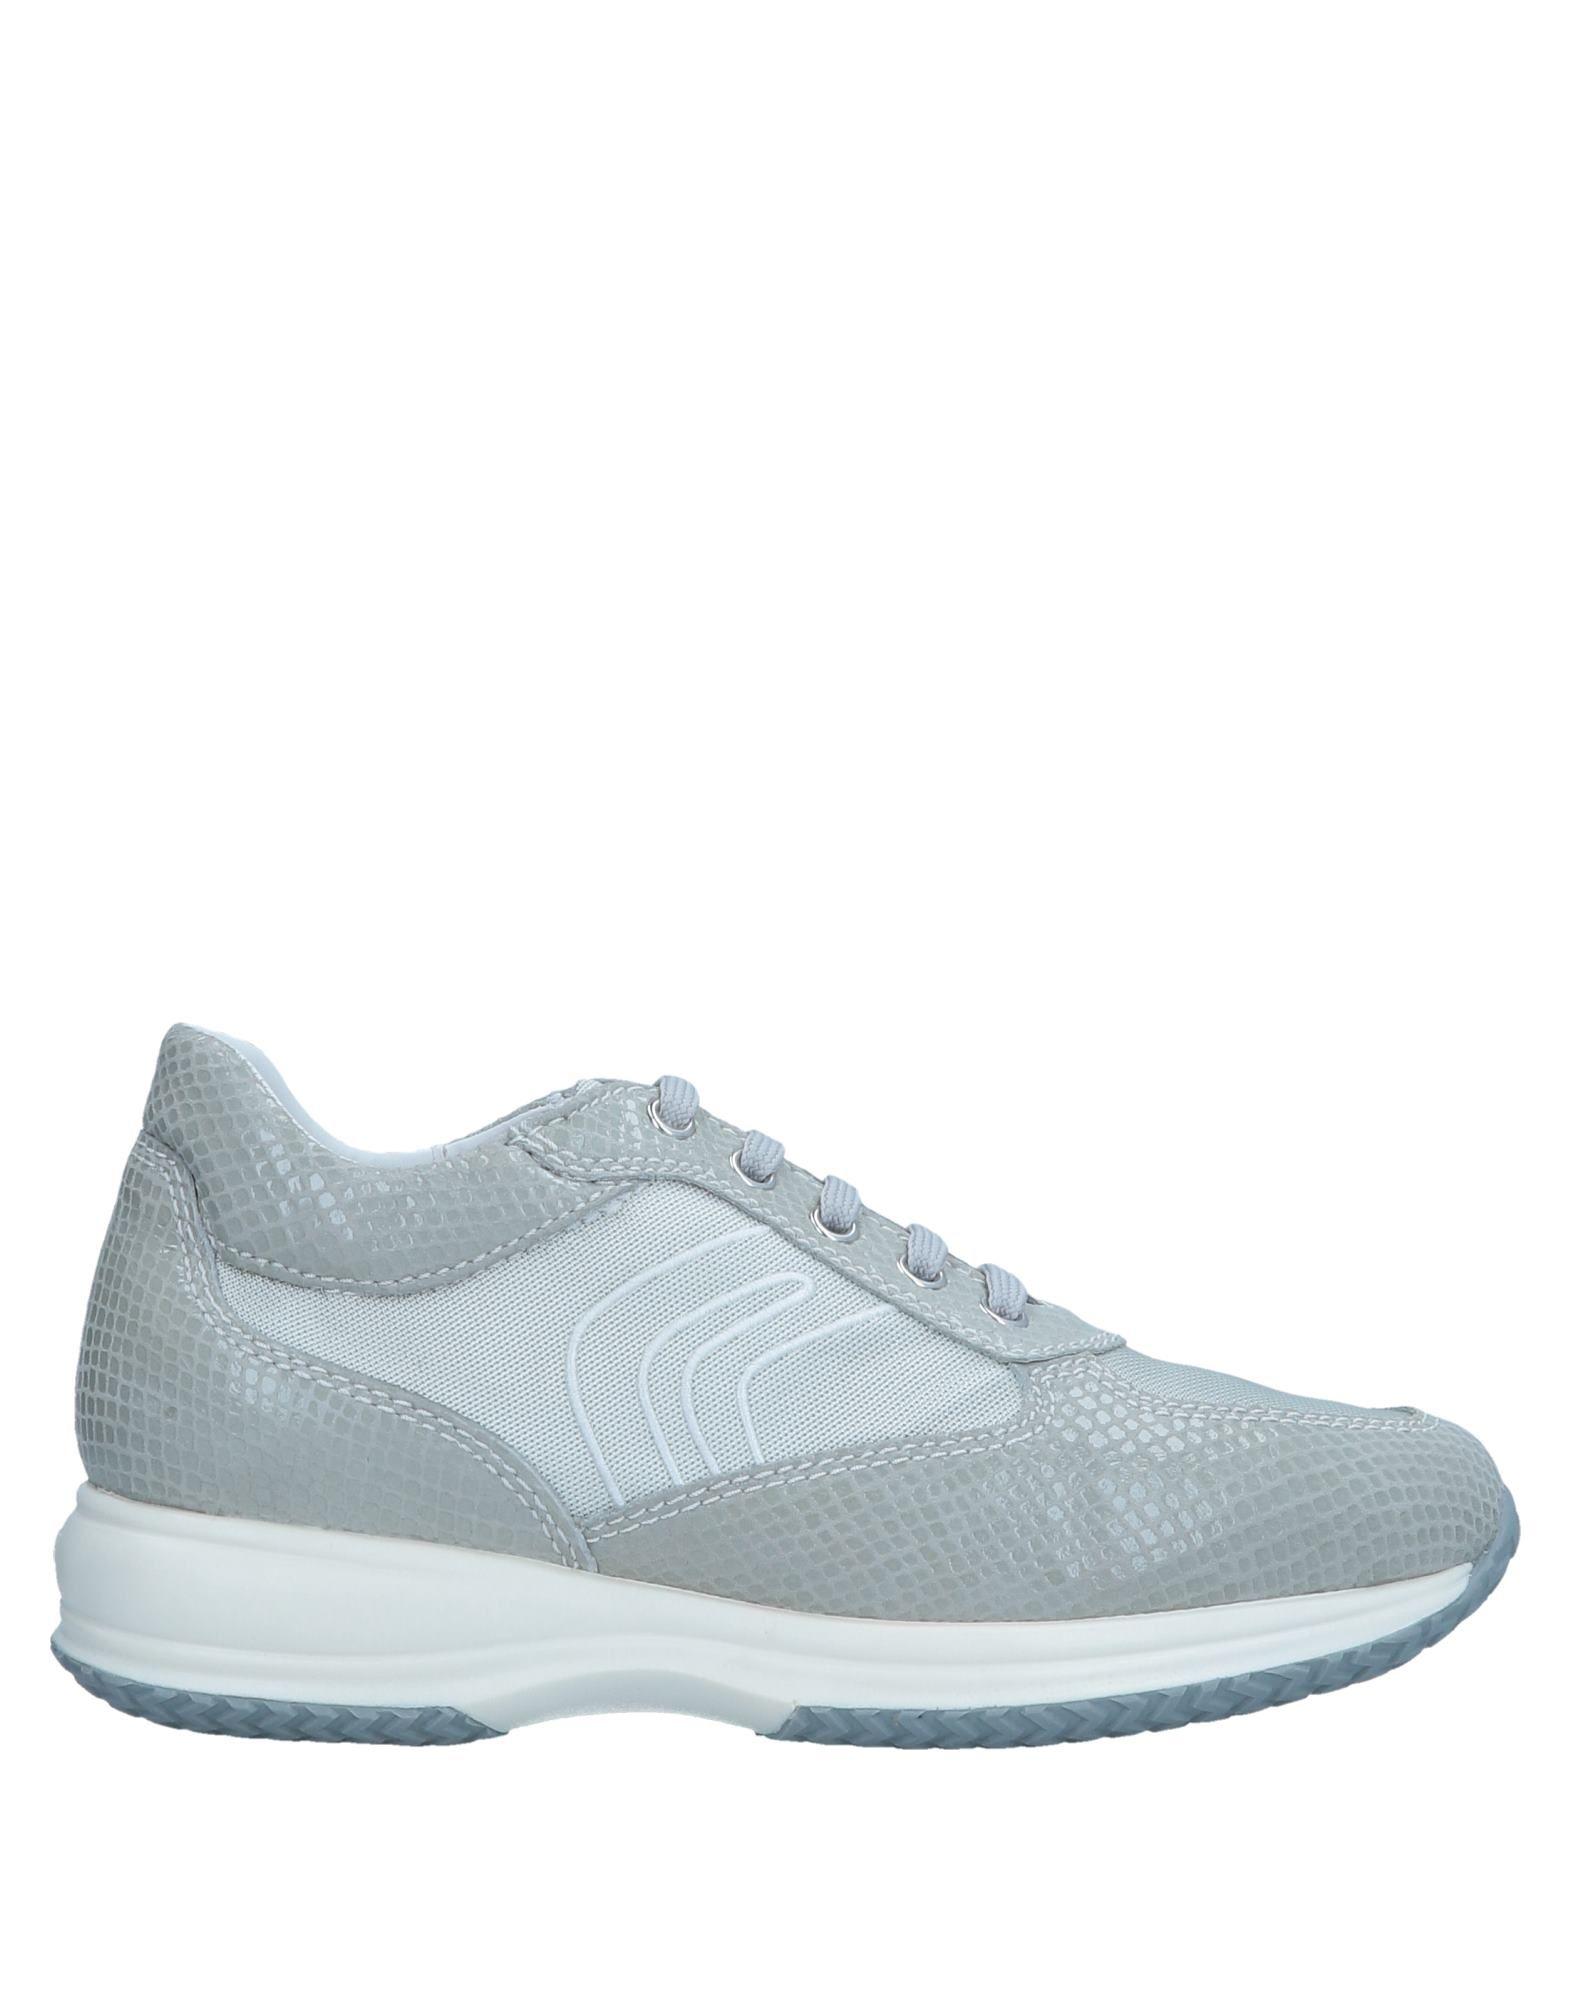 Geox Sneakers - Women Geox Sneakers Kingdom online on  United Kingdom Sneakers - 11554221LI 30407e